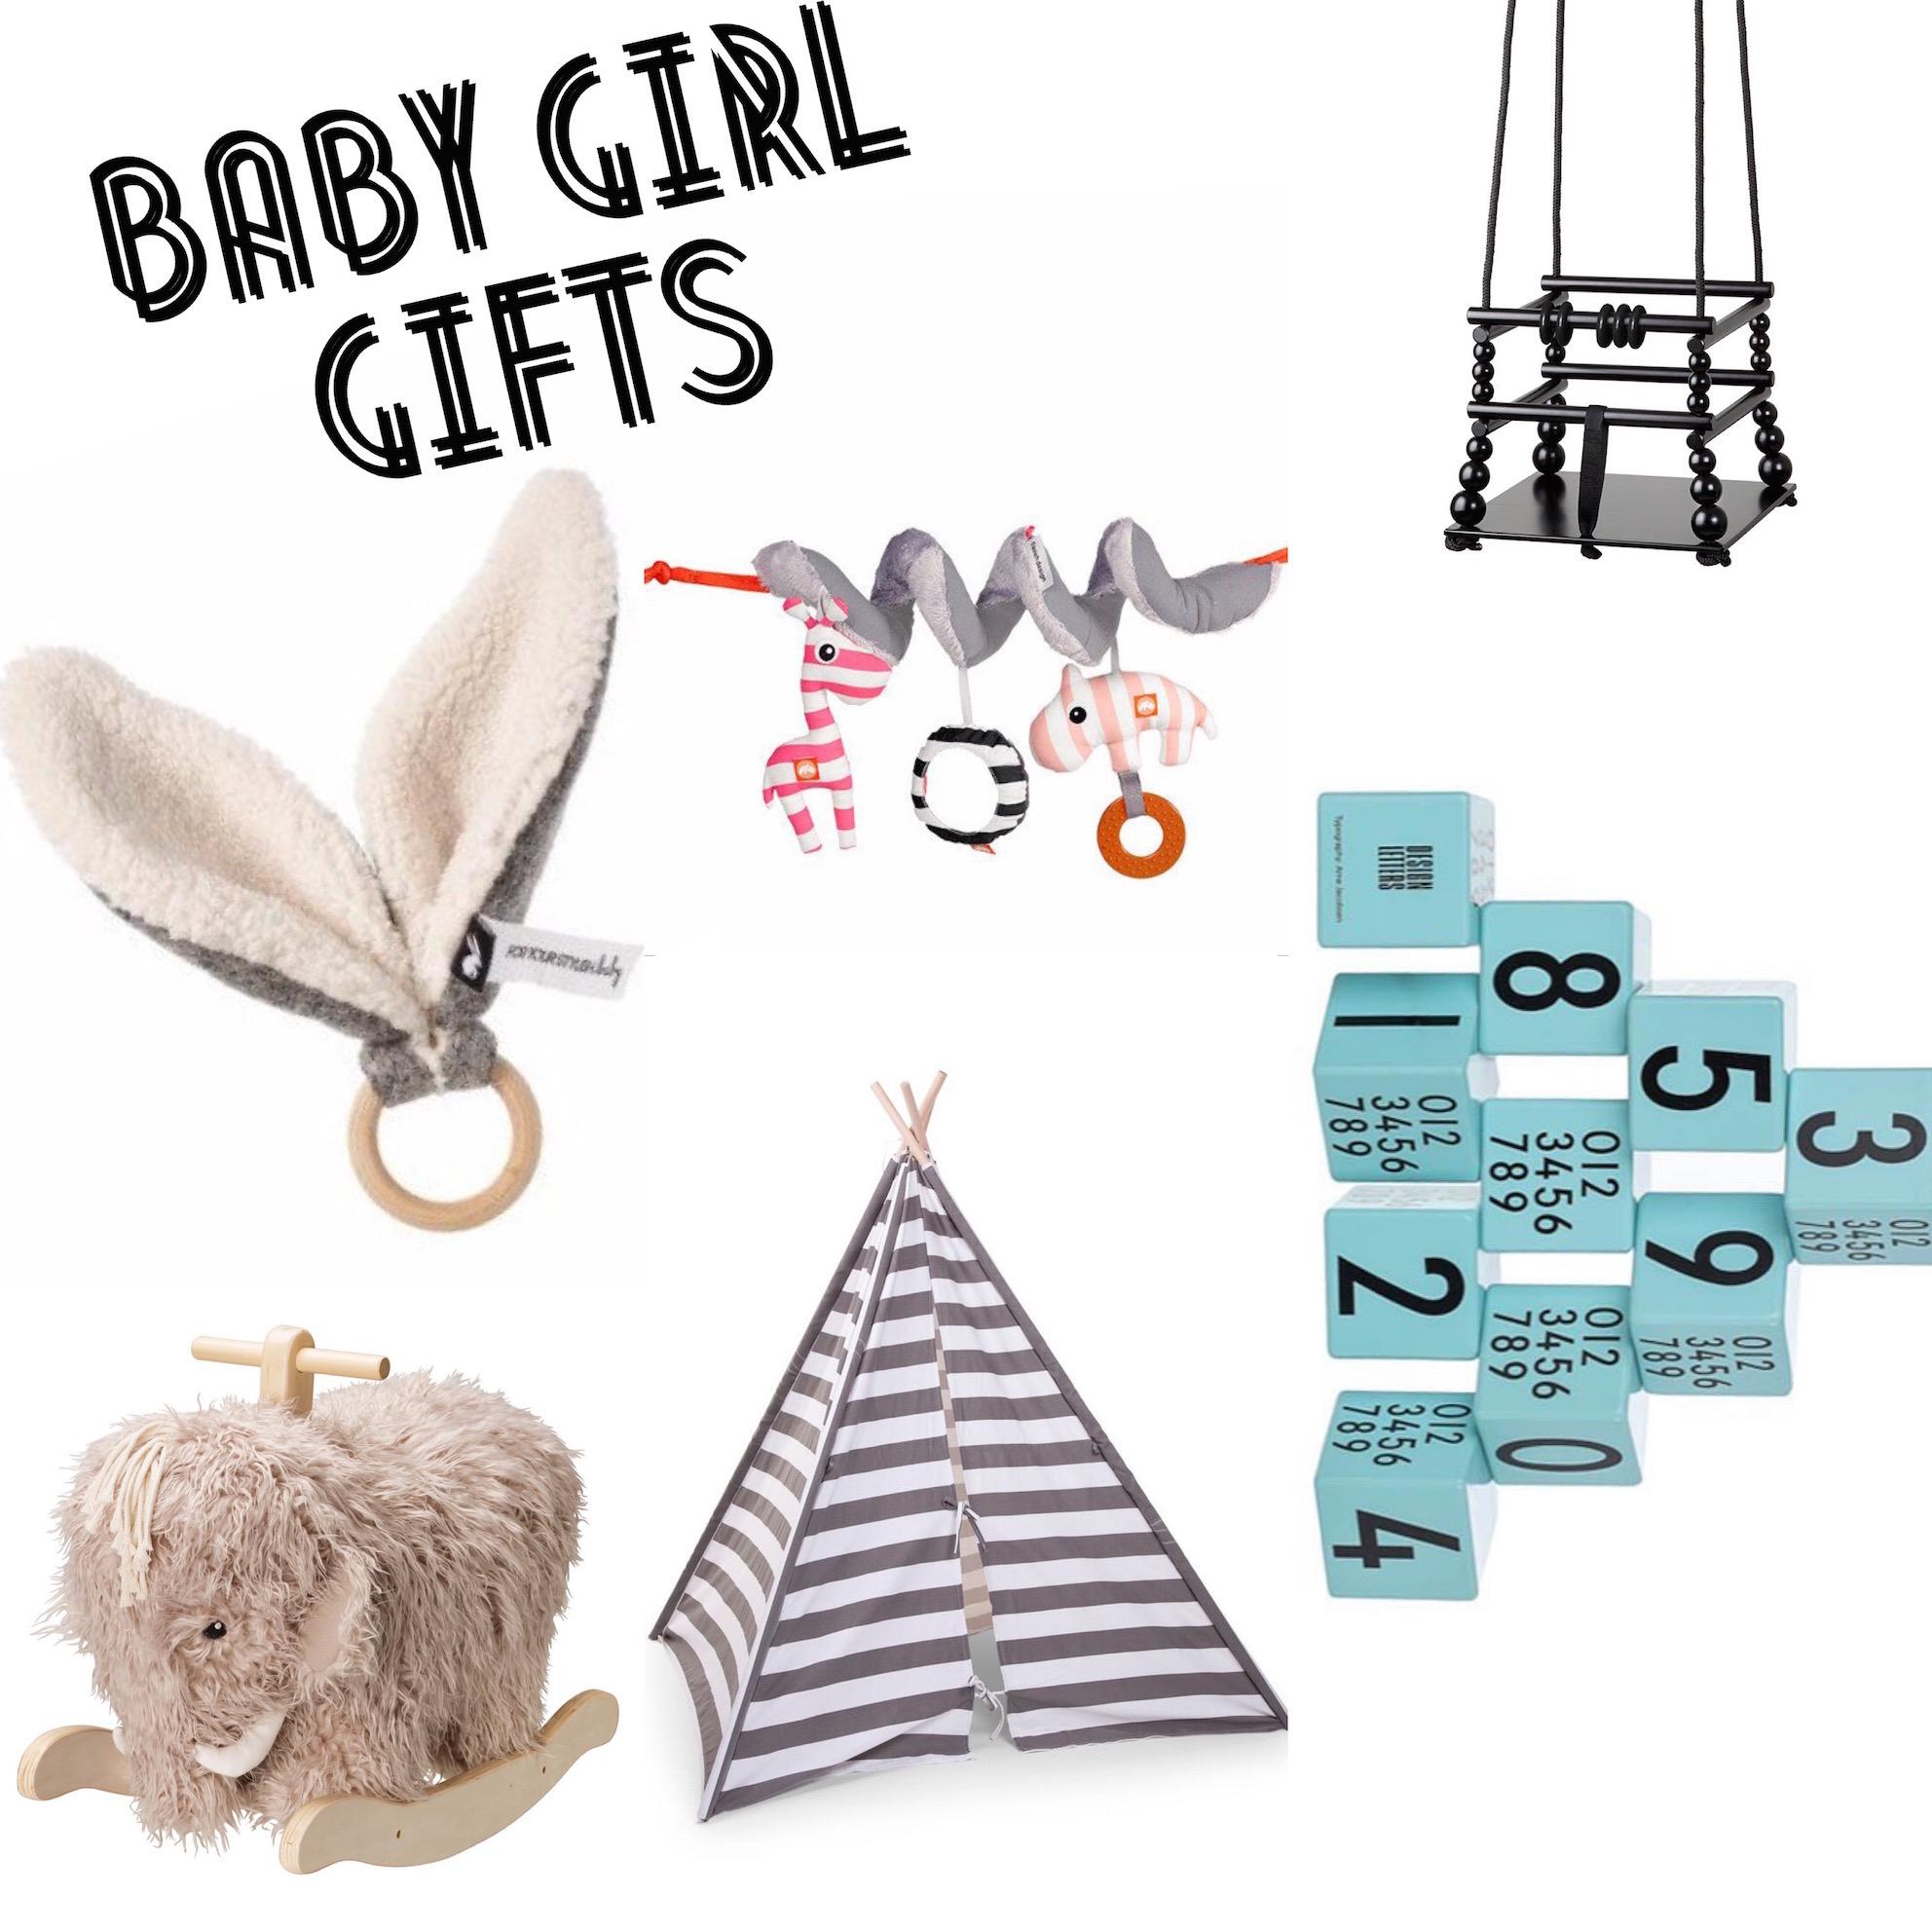 Baby speelgoed, baby meisje, De Gele Flamingo, baby girl